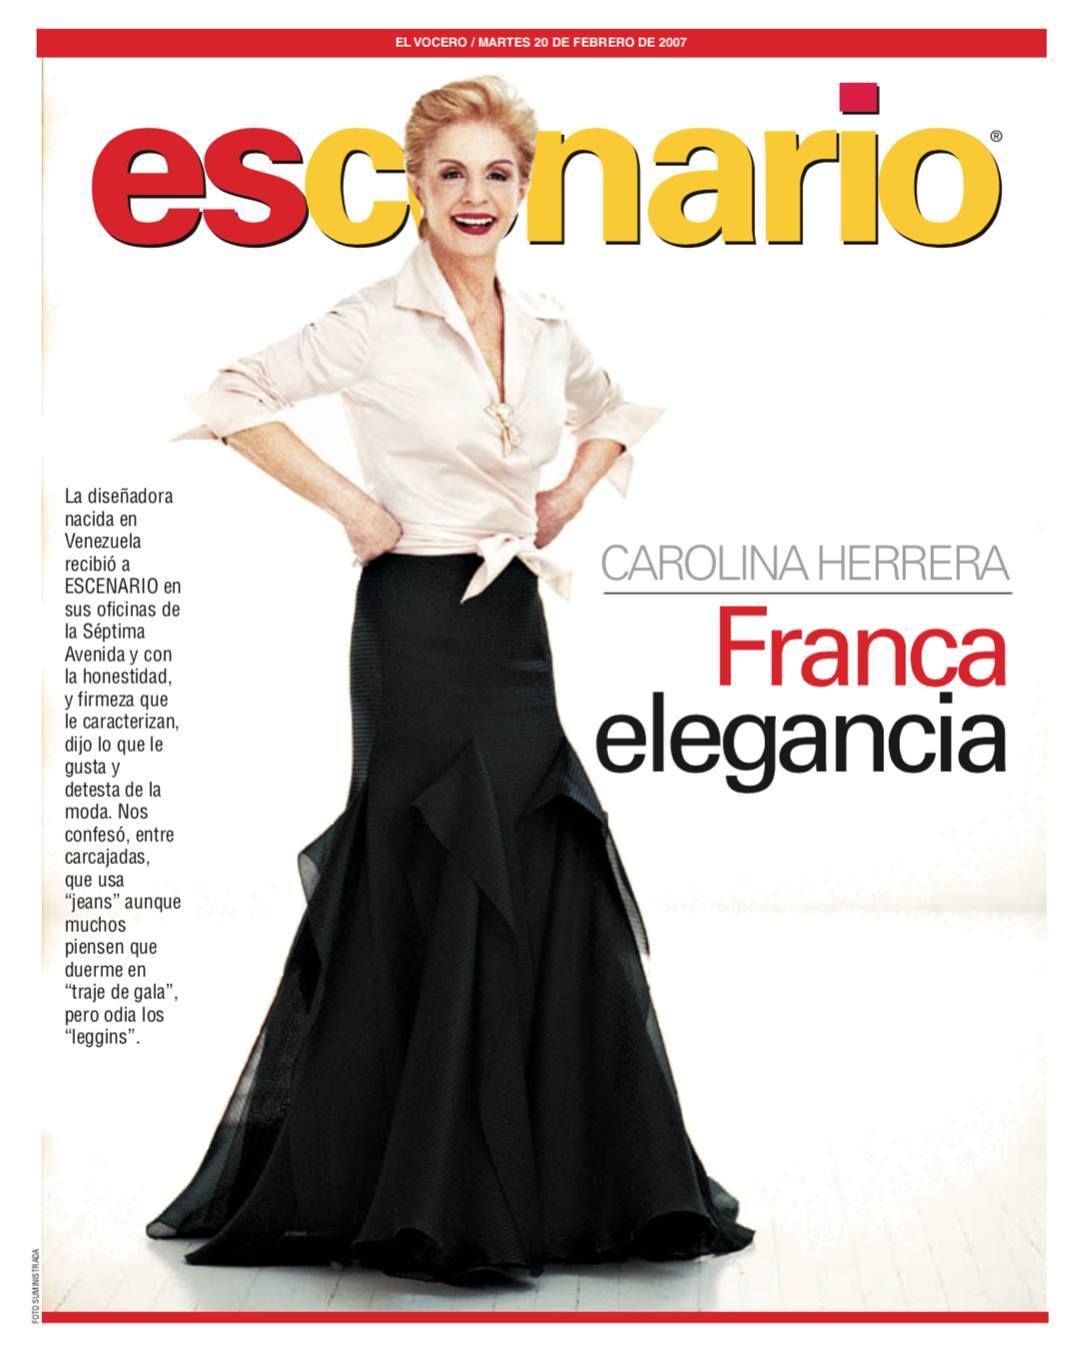 Carolina Herrera Juan En Vitrina El Vocero